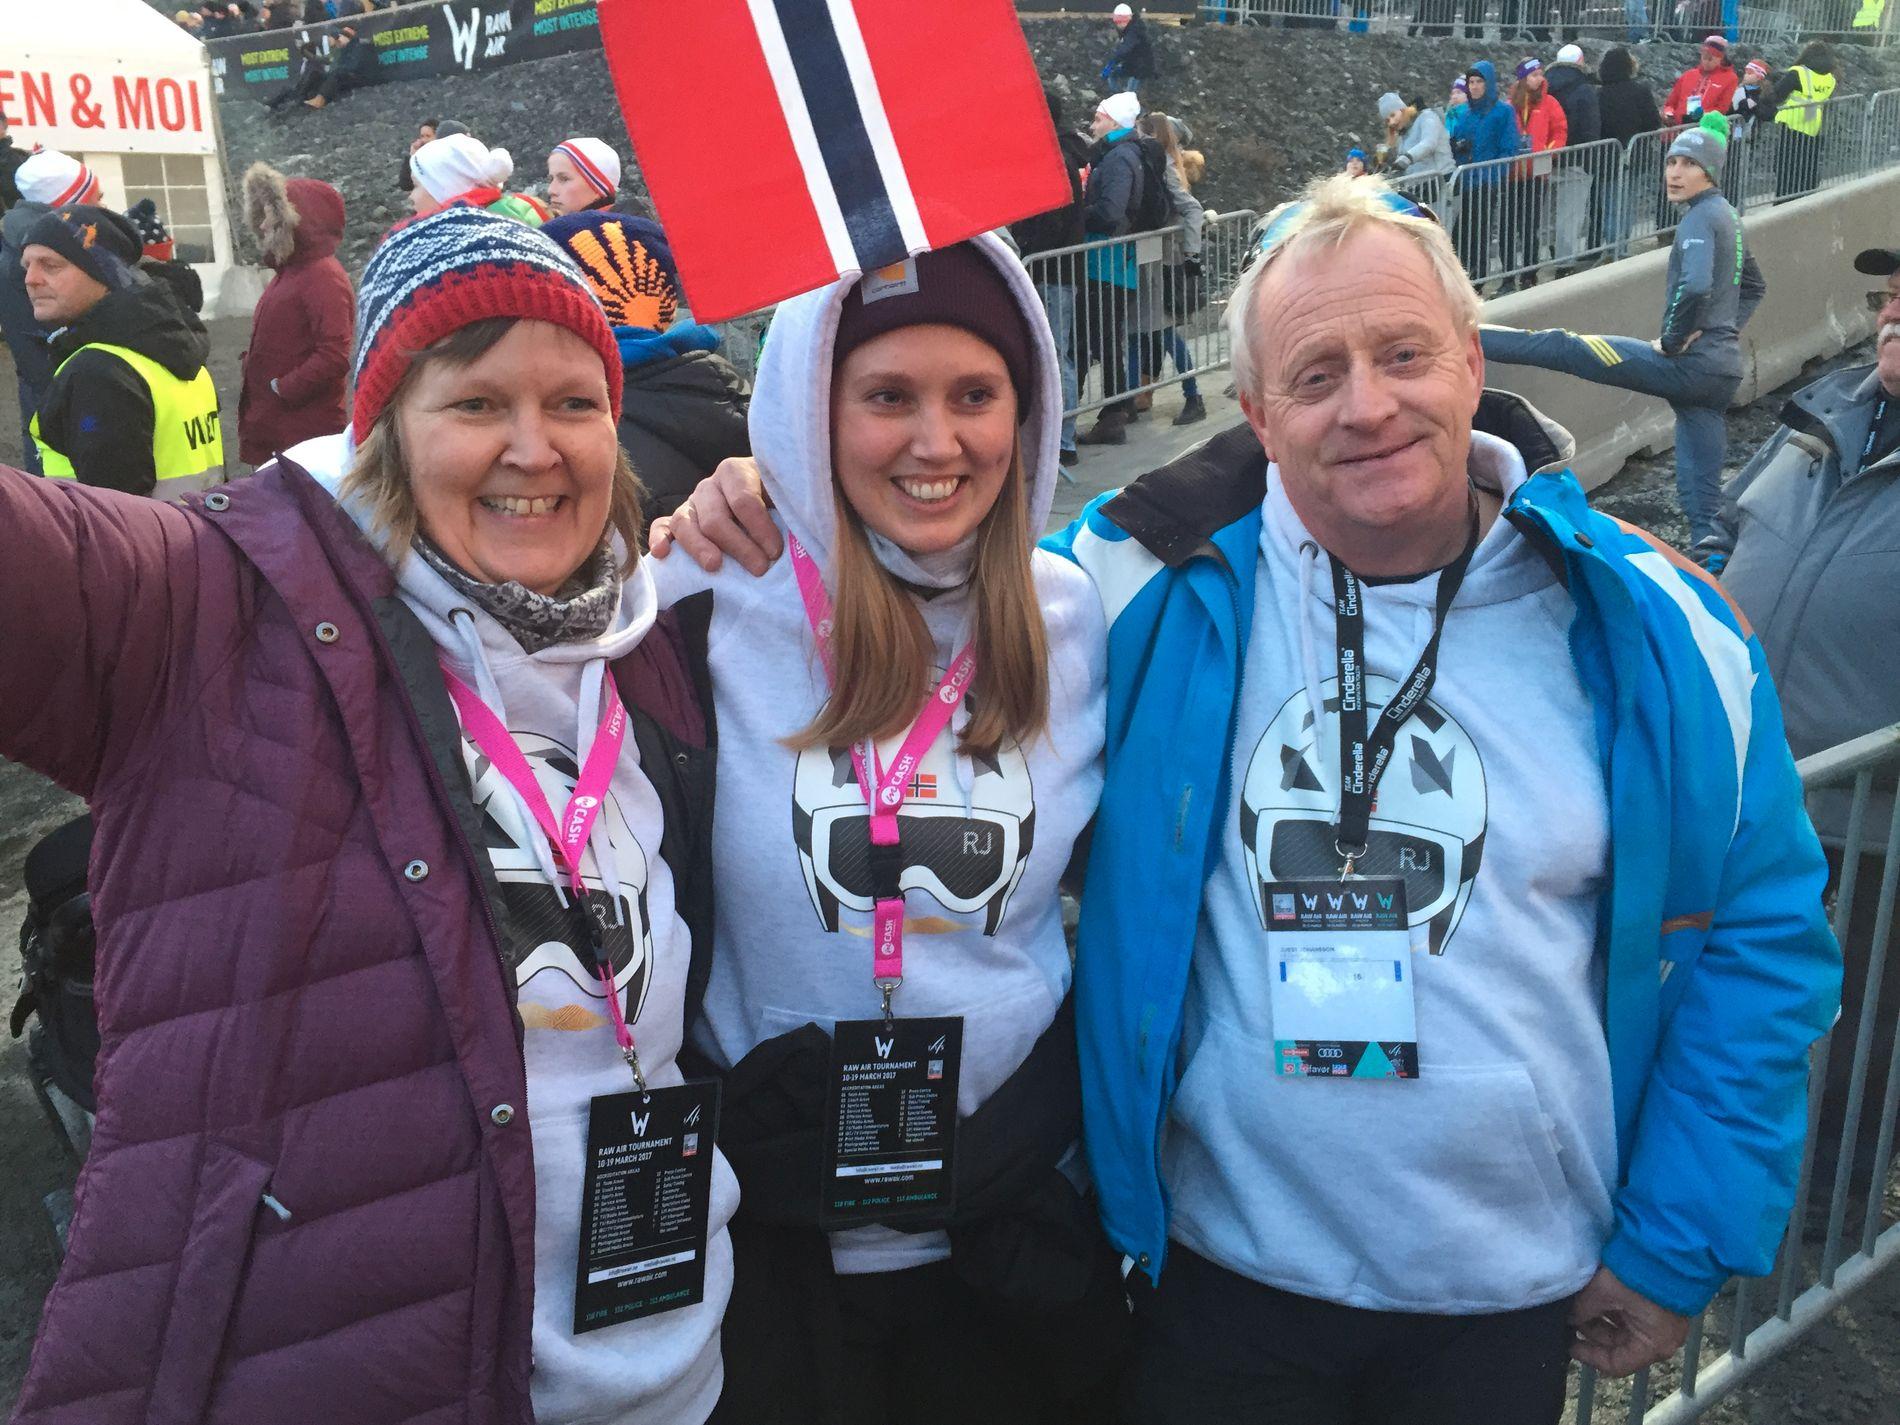 BLID FAMILIE: Mamma Helga, søster Linda og pappa Gorm Johansson i minuttene etter at Robert hadde hoppet til verdensrekorden på 252 meter.